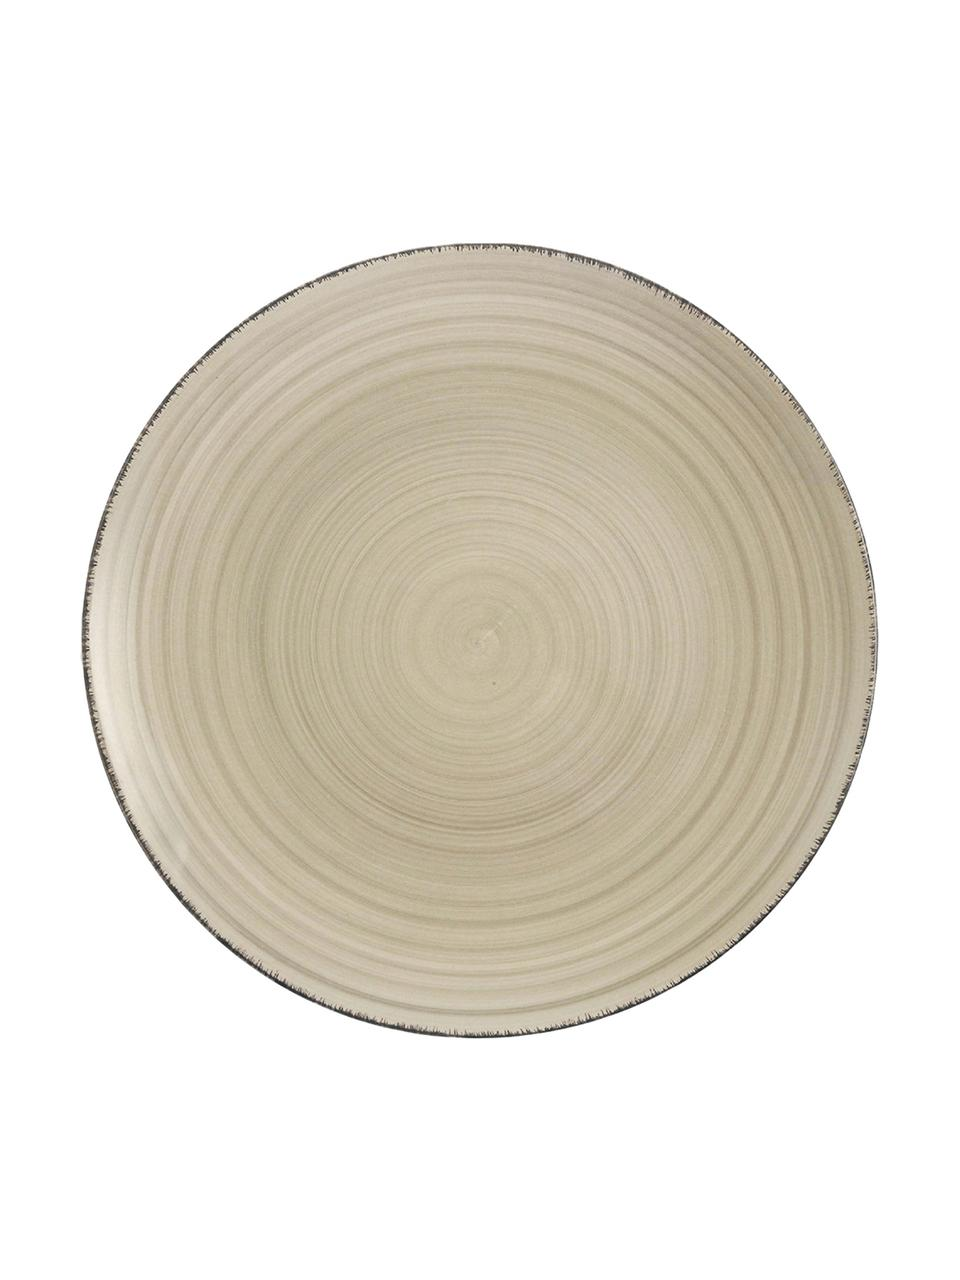 Piatto piano dipinto a mano Baita 6 pz, Terracotta (Hard Dolomite), dipinto a mano, Grigio, Ø 27 cm